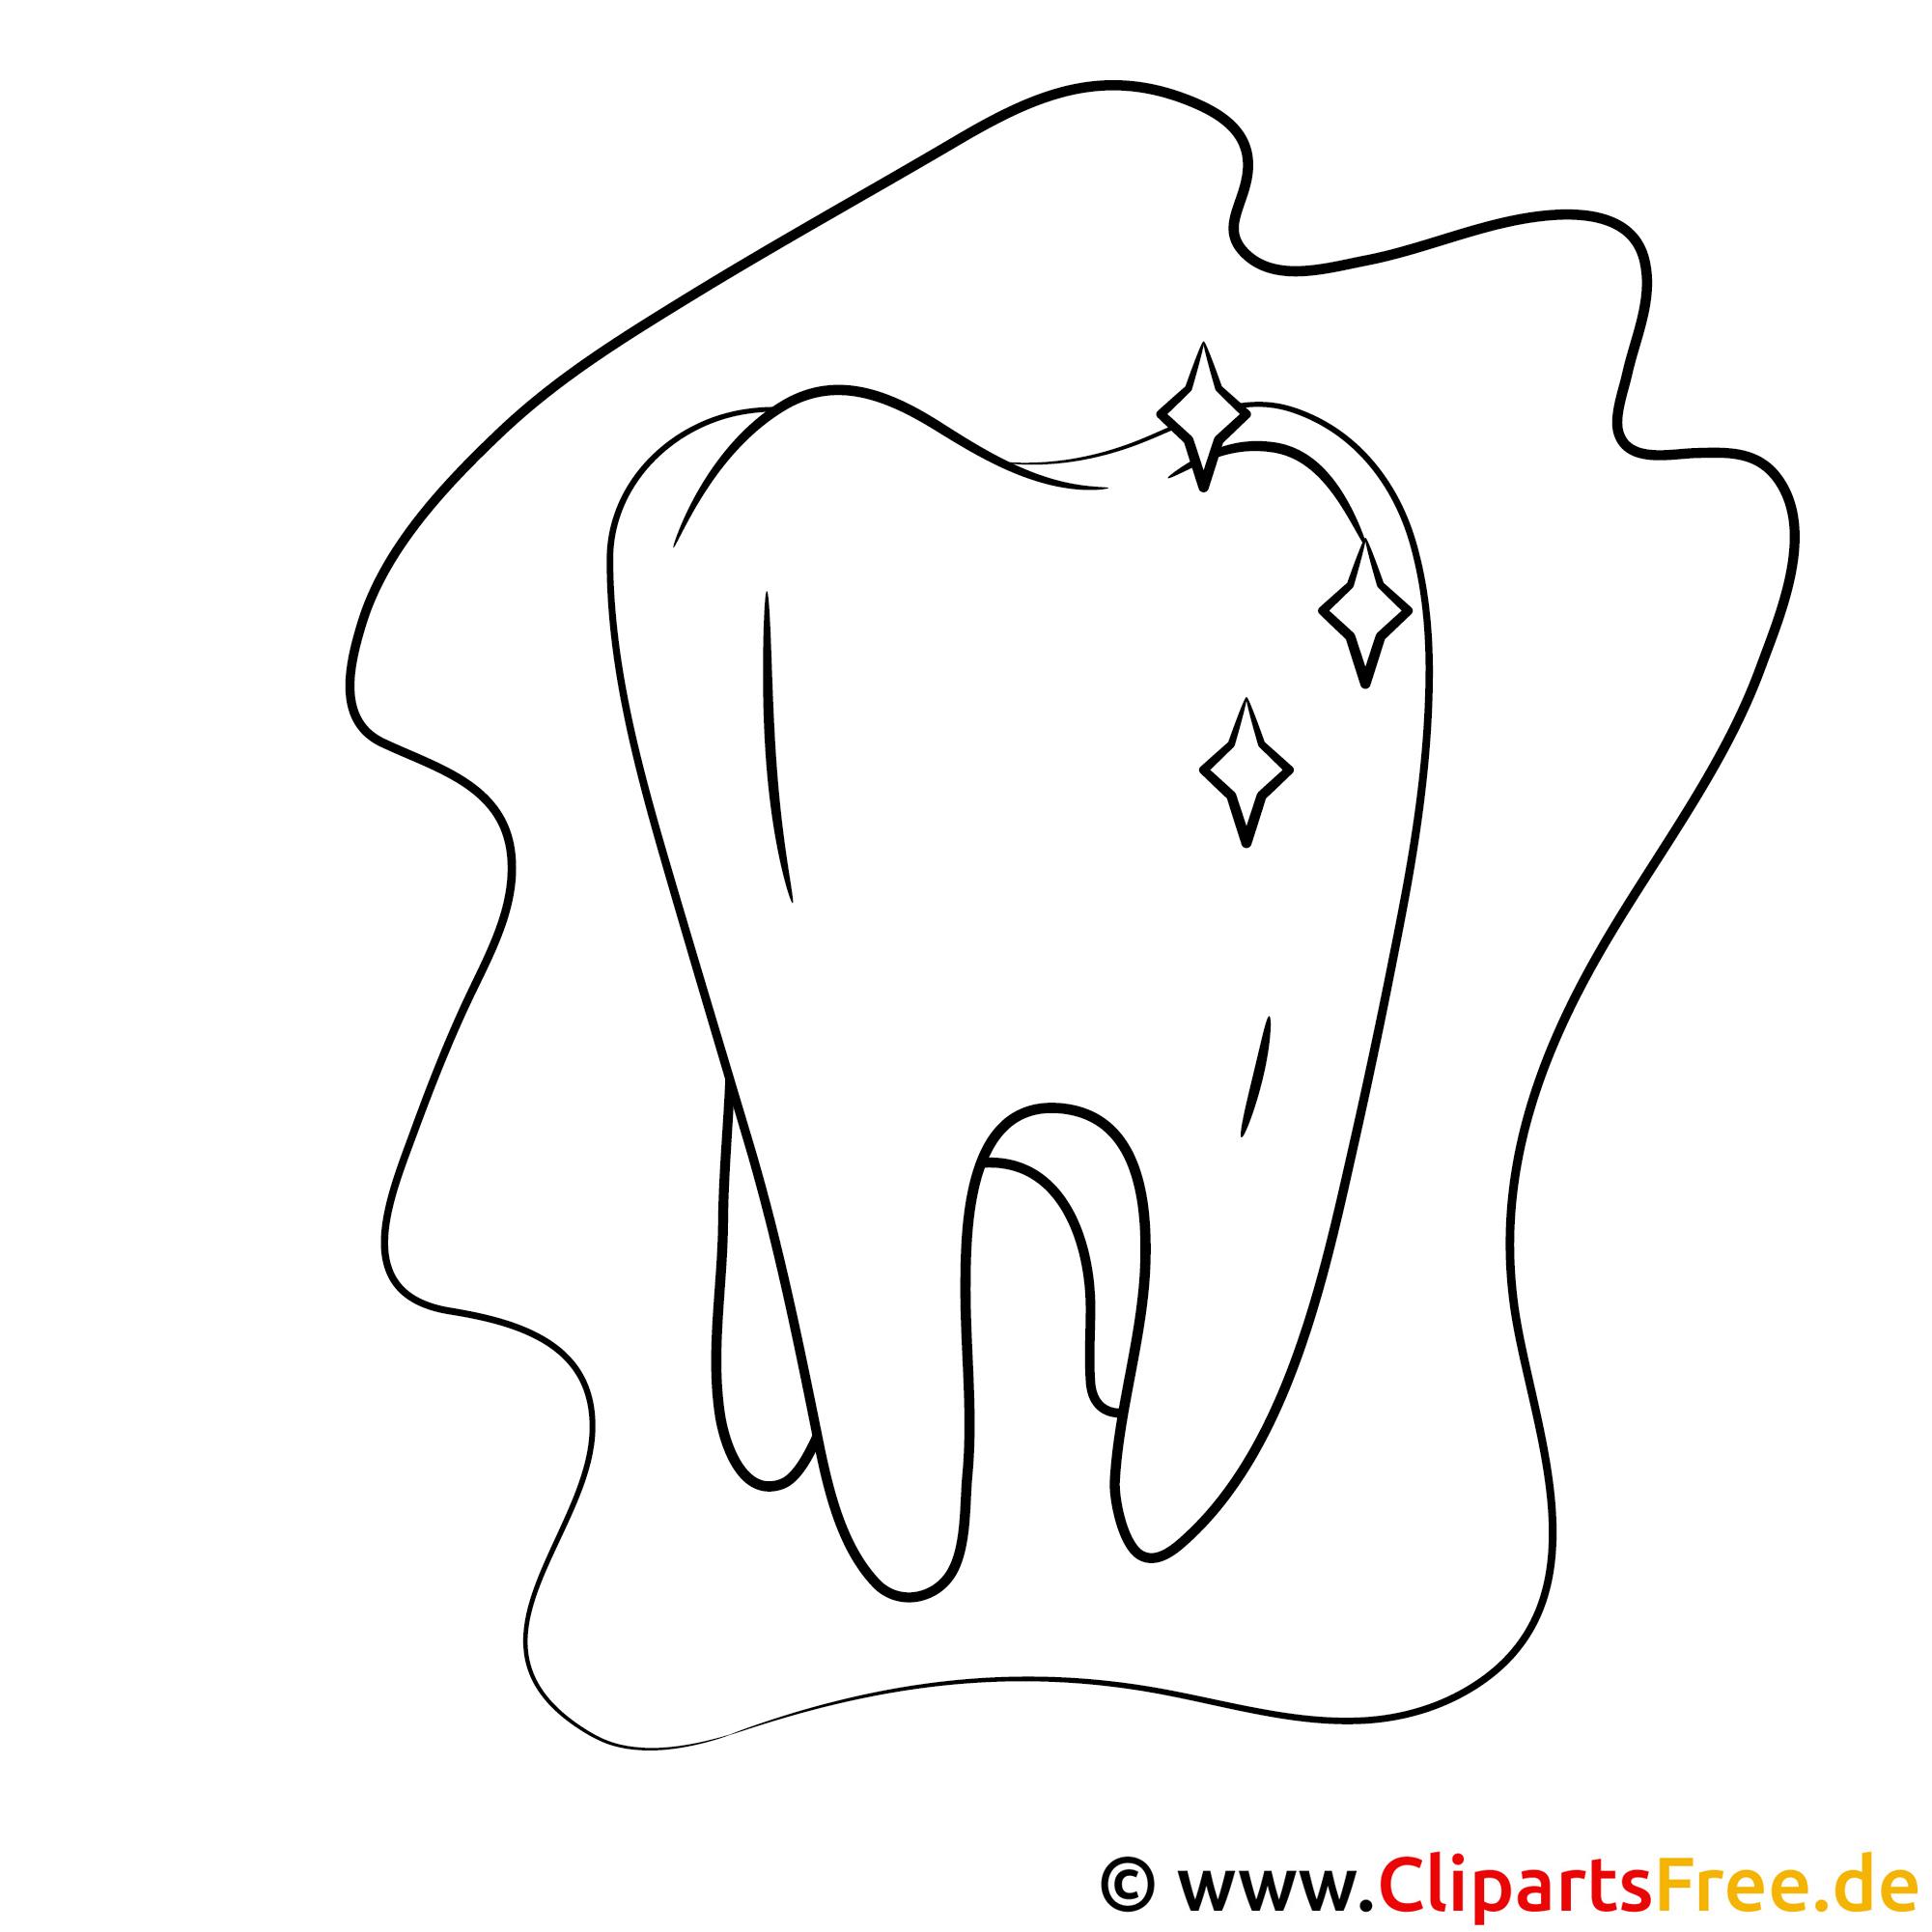 Erfreut Malvorlagen Für Zähne Bilder - Druckbare Malvorlagen ...